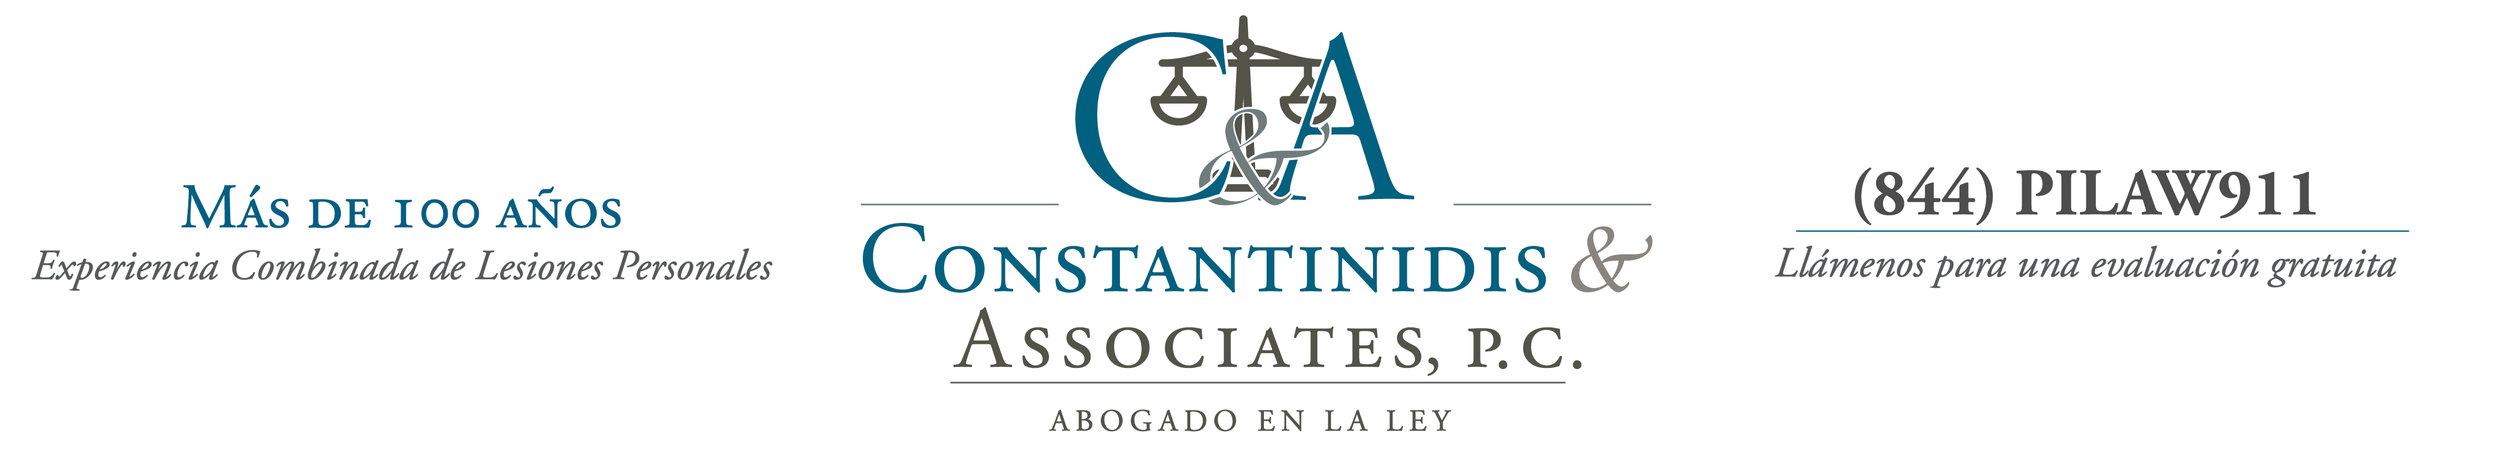 C&A_HEADER_SPANISH.jpg